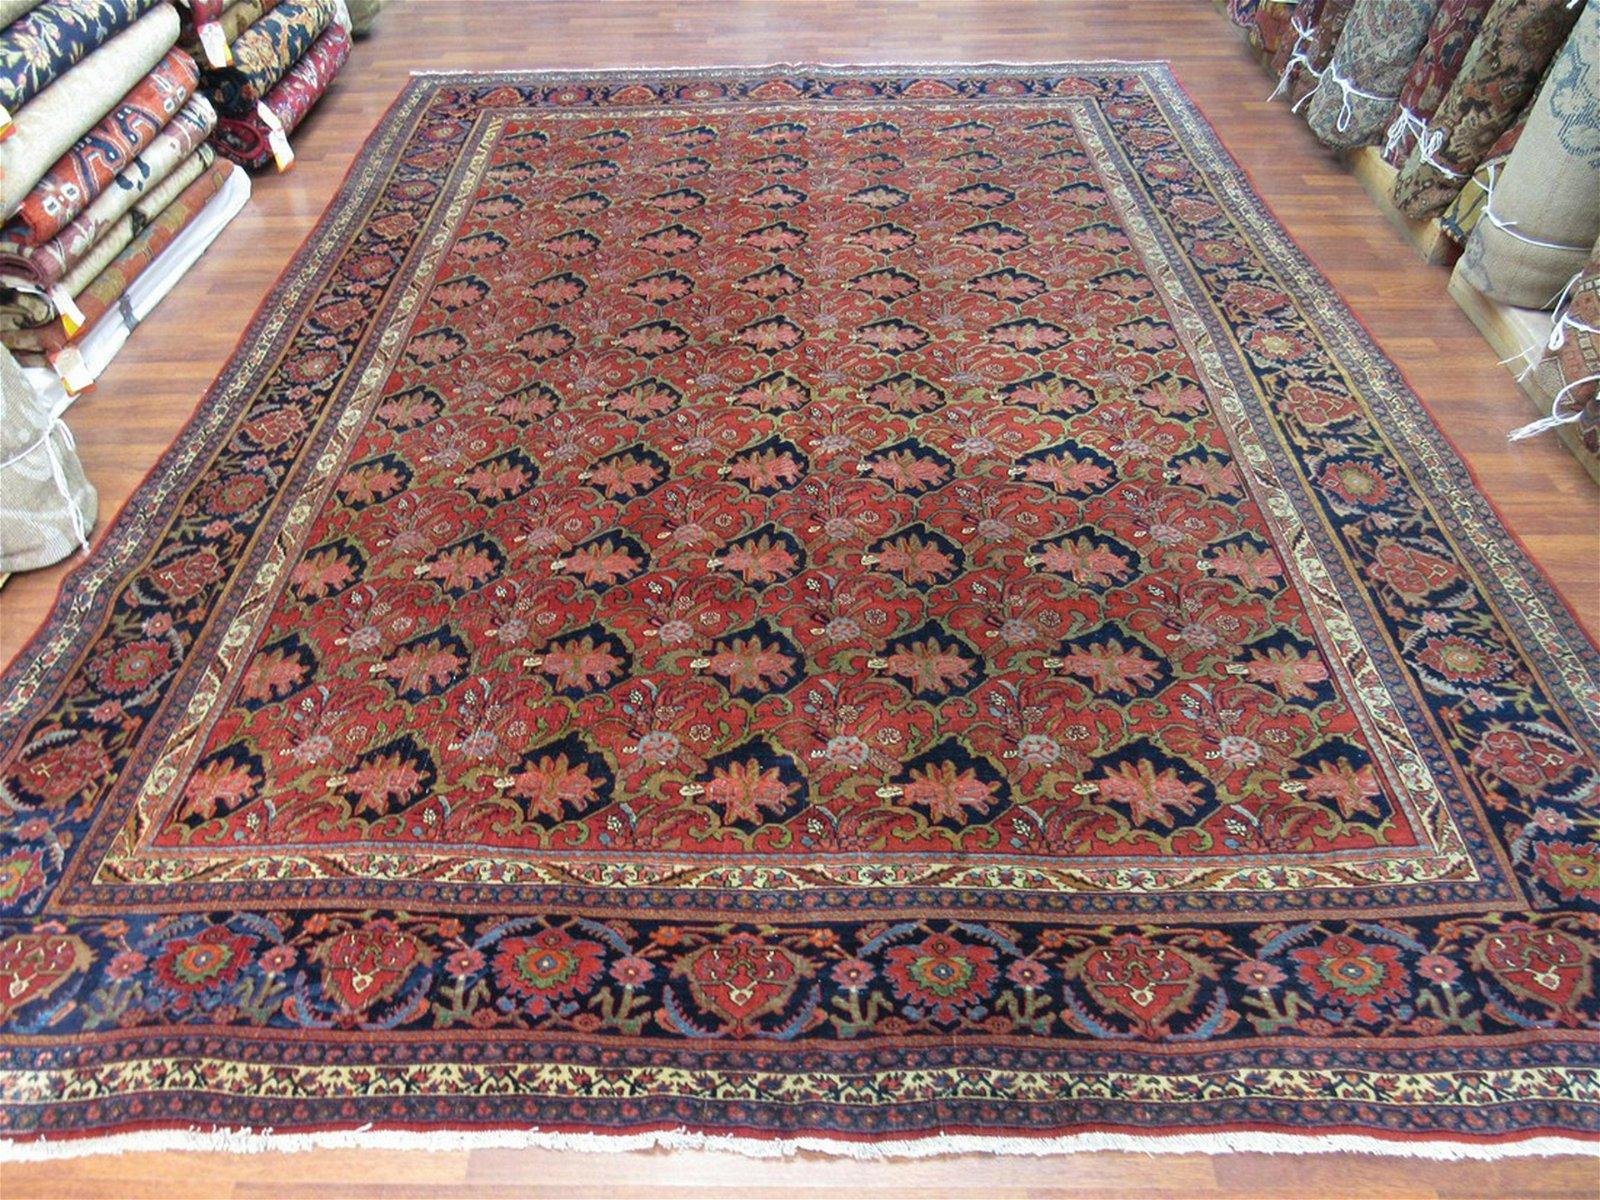 Antique Persian Room size Bidjar Rug